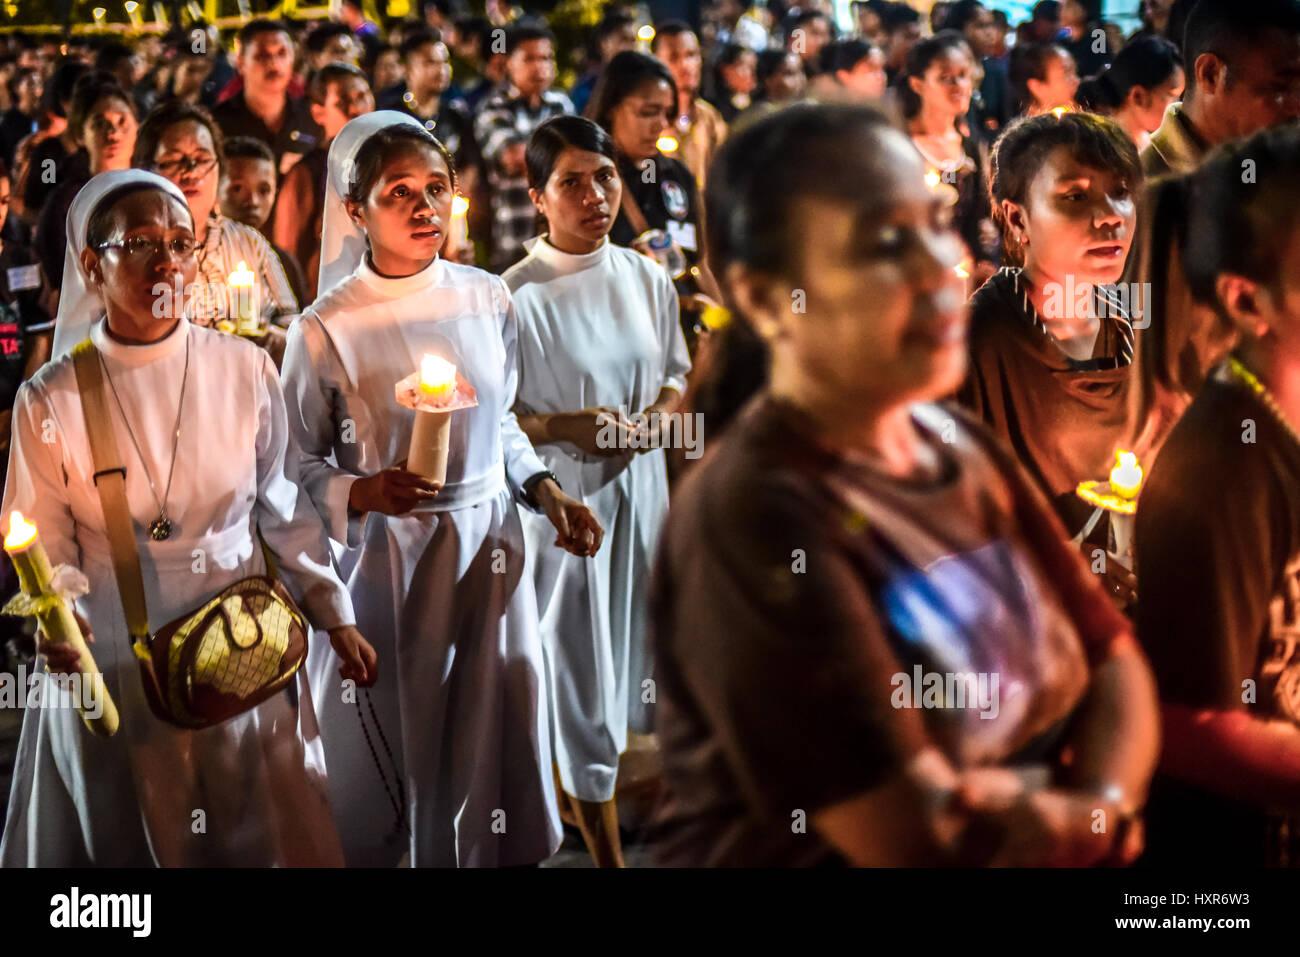 Römische katholische Nonnen marschieren unter der Masse während der Semana Santa Prozession als Teil der Feier der Stockfoto